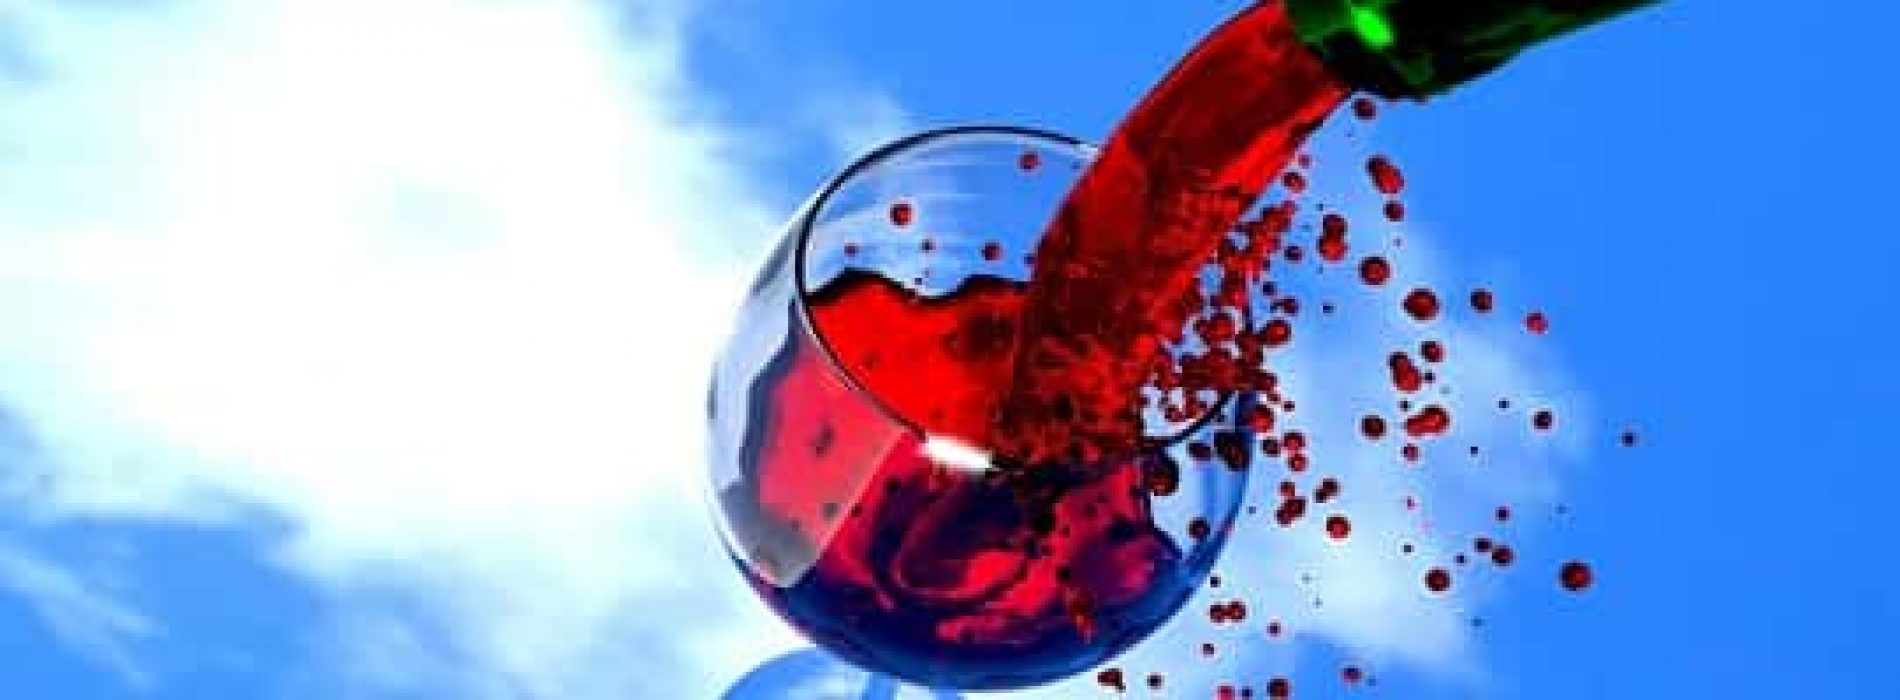 Hvor sterk er sammenhengen mellom alkohol og kreft?